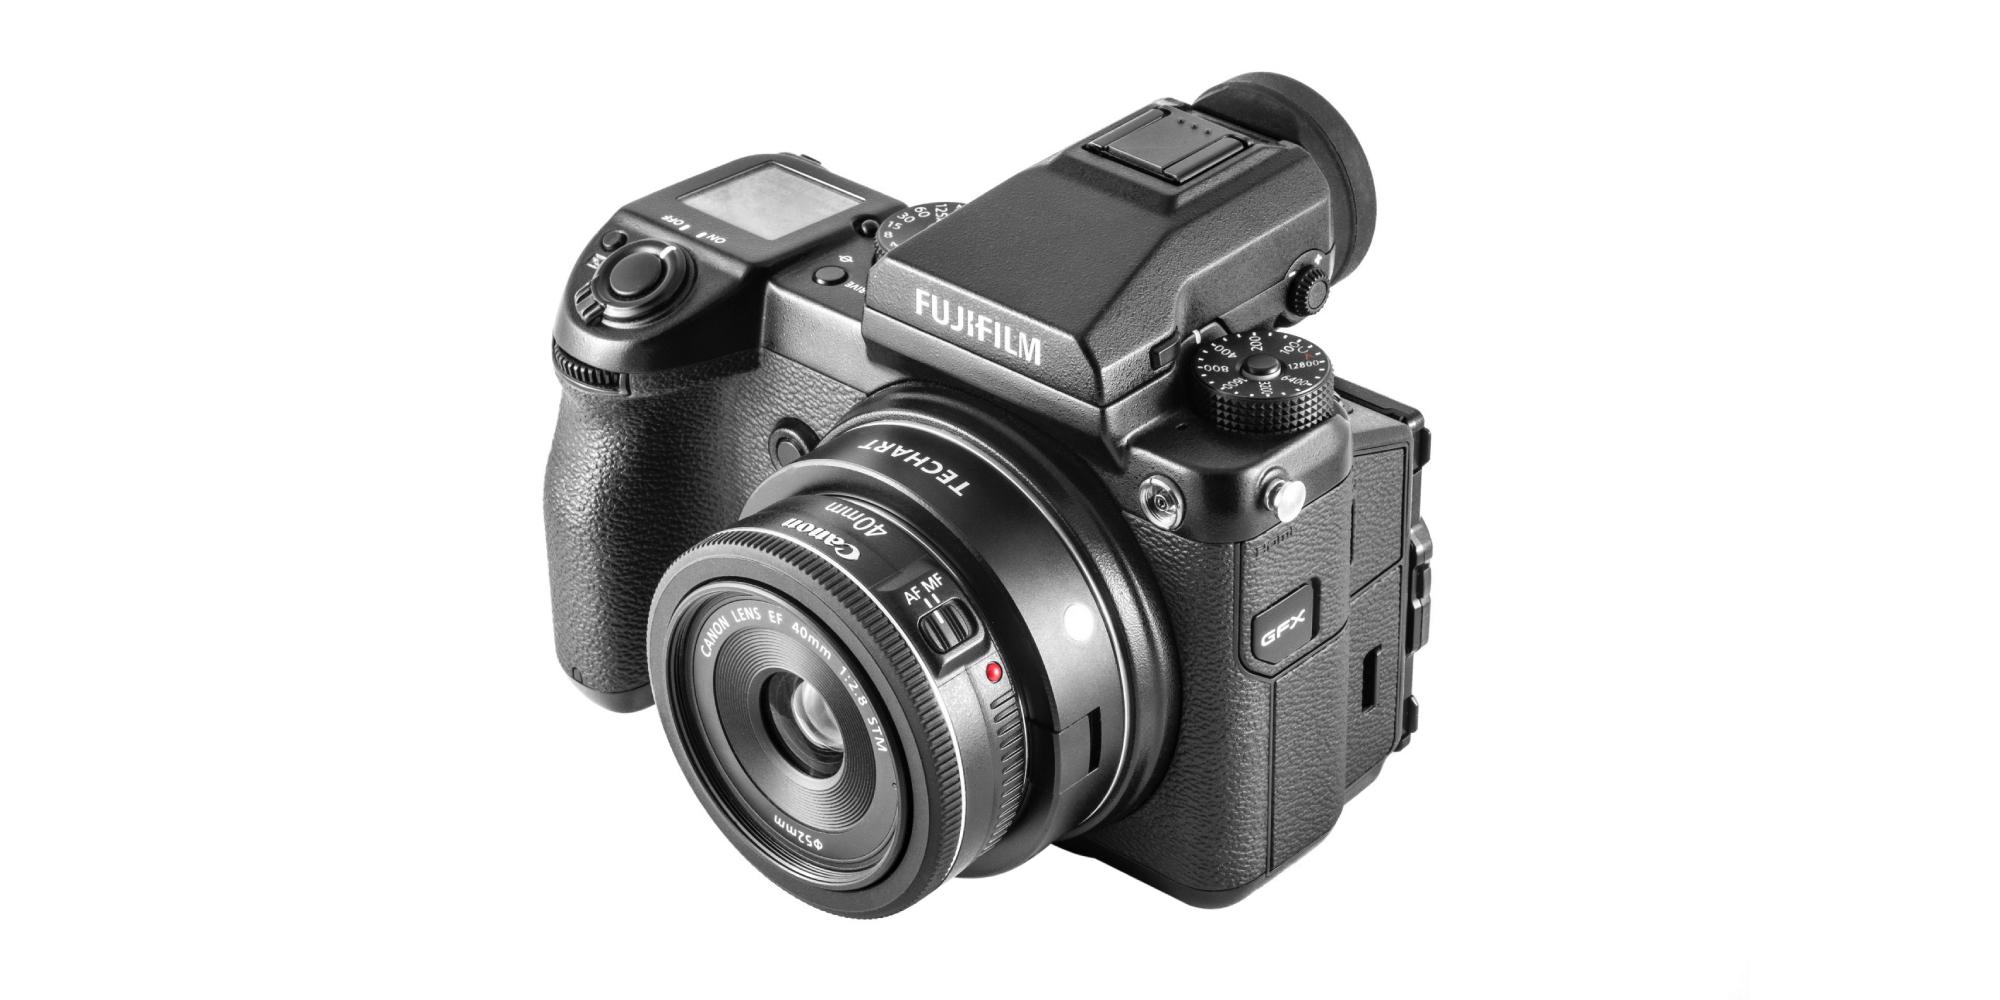 Adapter bagnetowy Techart EF-FG01 zamocowany na aparacie Fujifilm z obiektywem Canon 40 mm f/2,8 STM